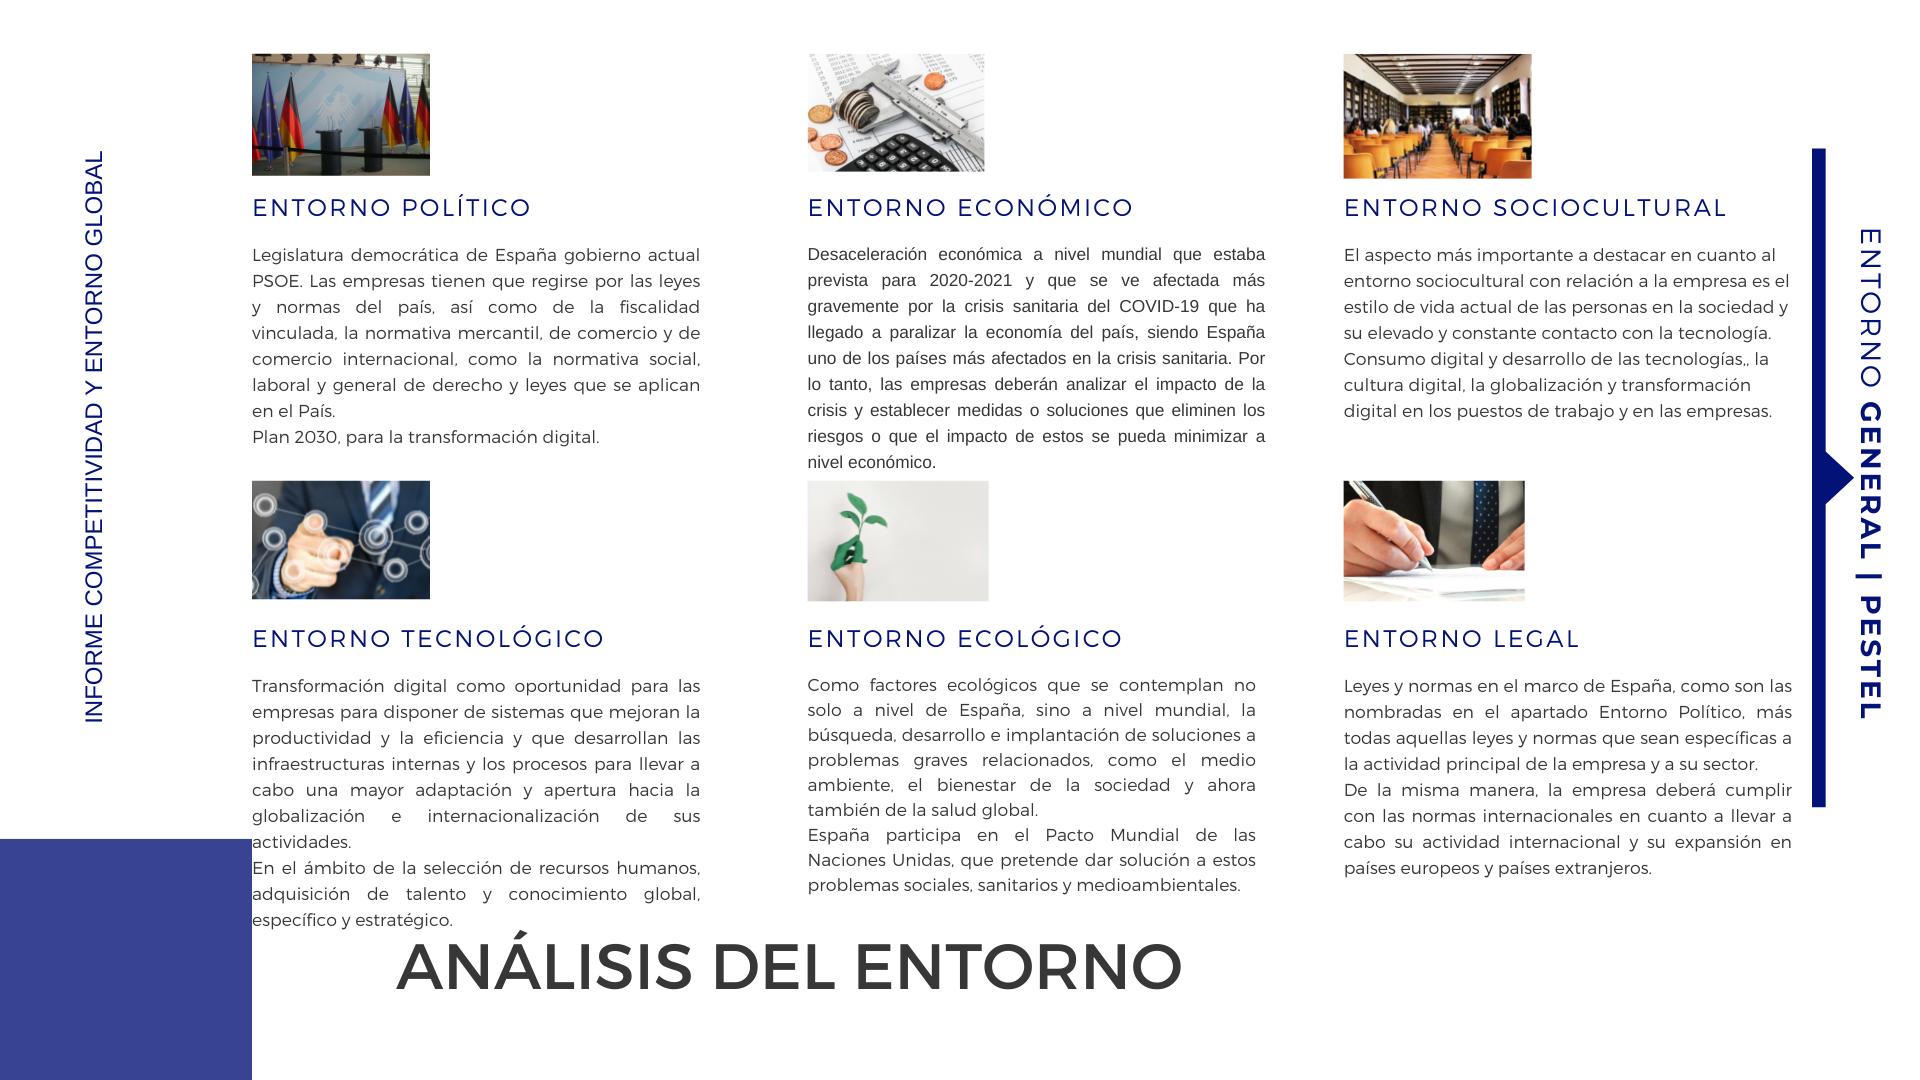 PESTEL EGN - Presentación entorno global de negocios Esther Esteva